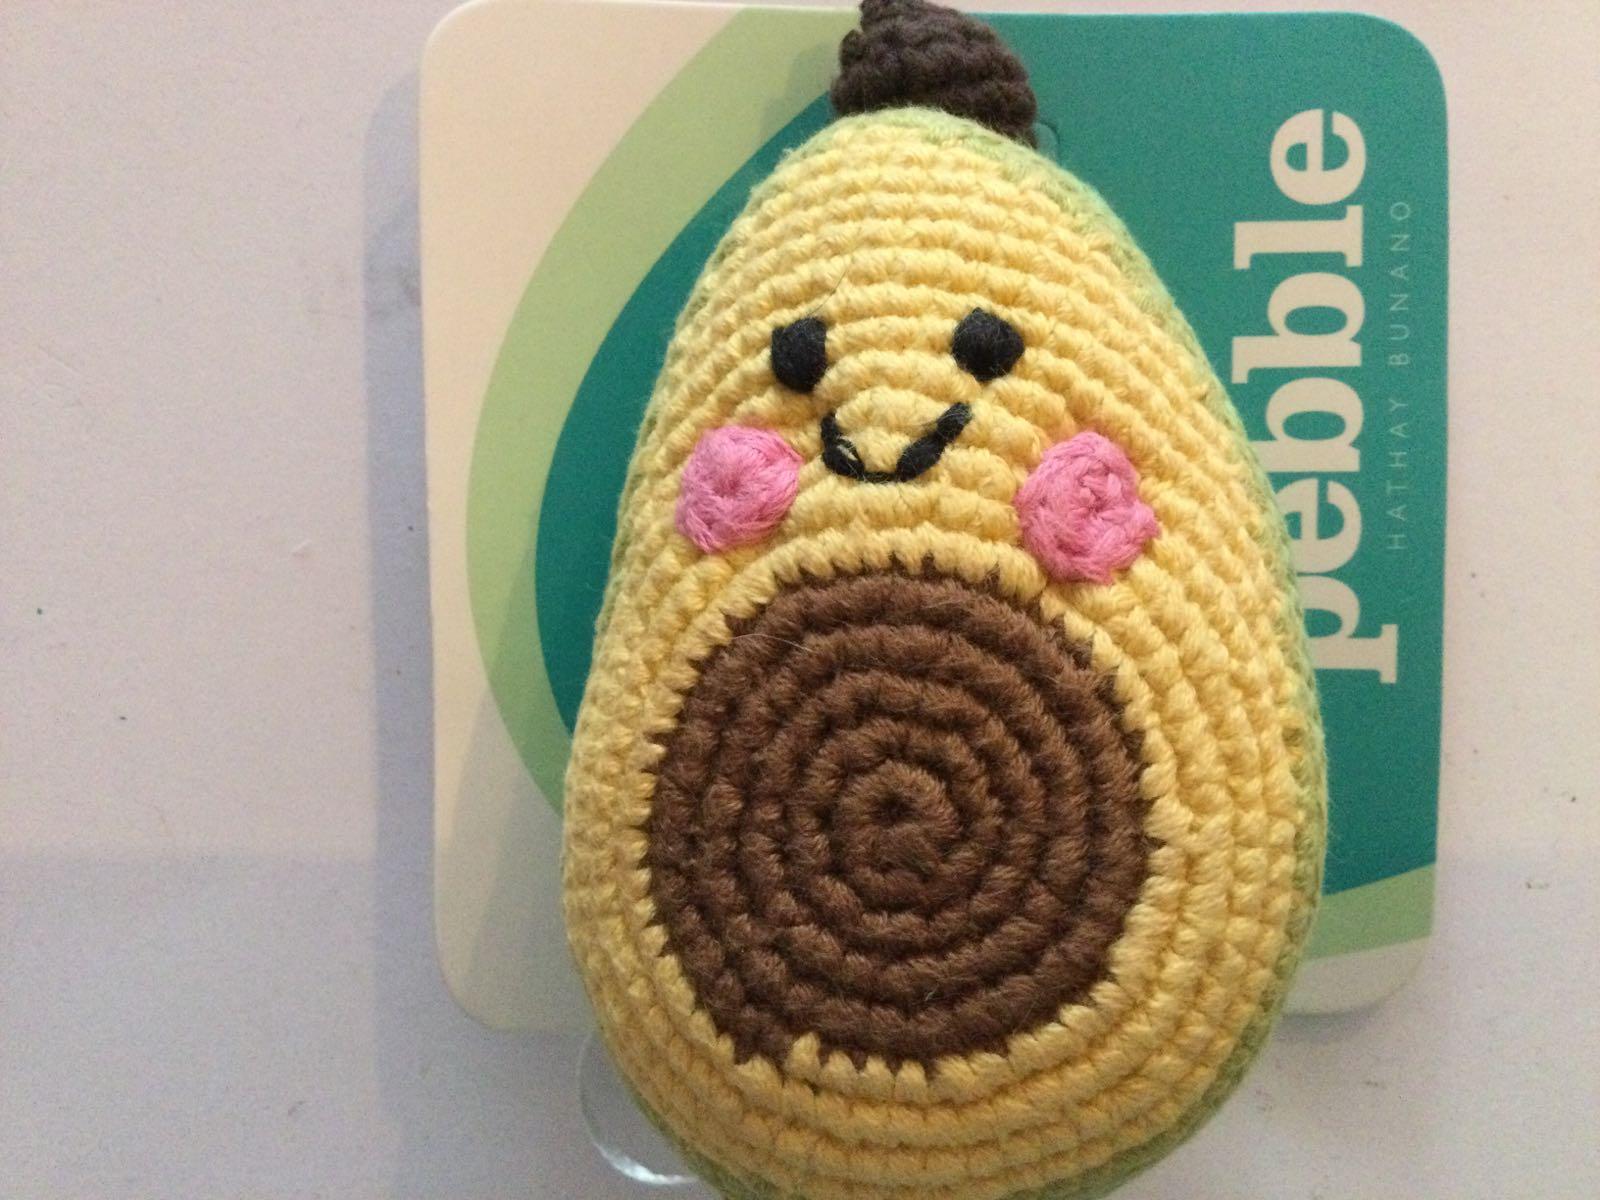 Pebble - Crochet Avacado Rattle